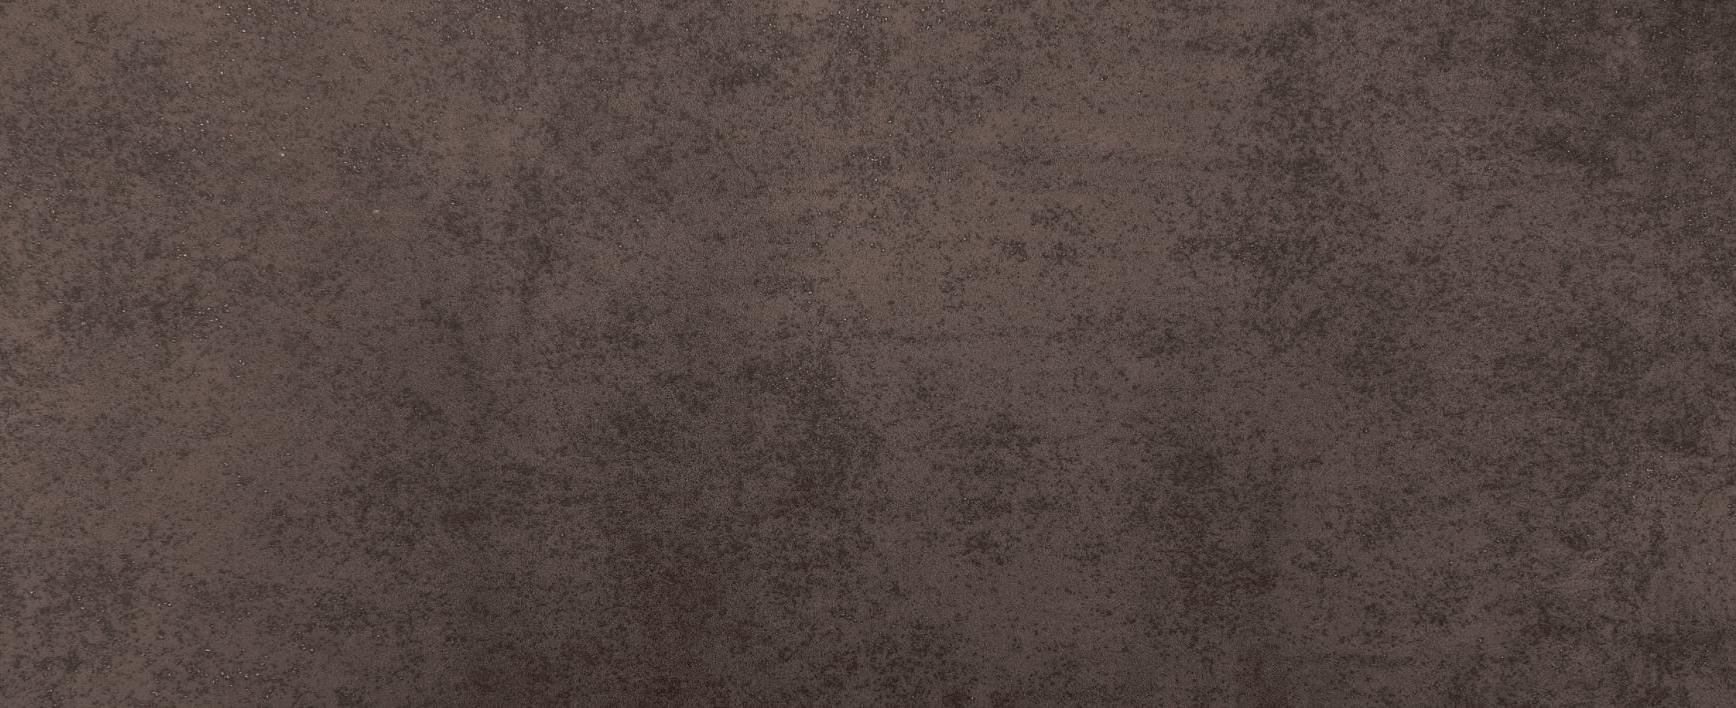 Iron Copper neolith - Treppenanlagen zum Pauschalpreis